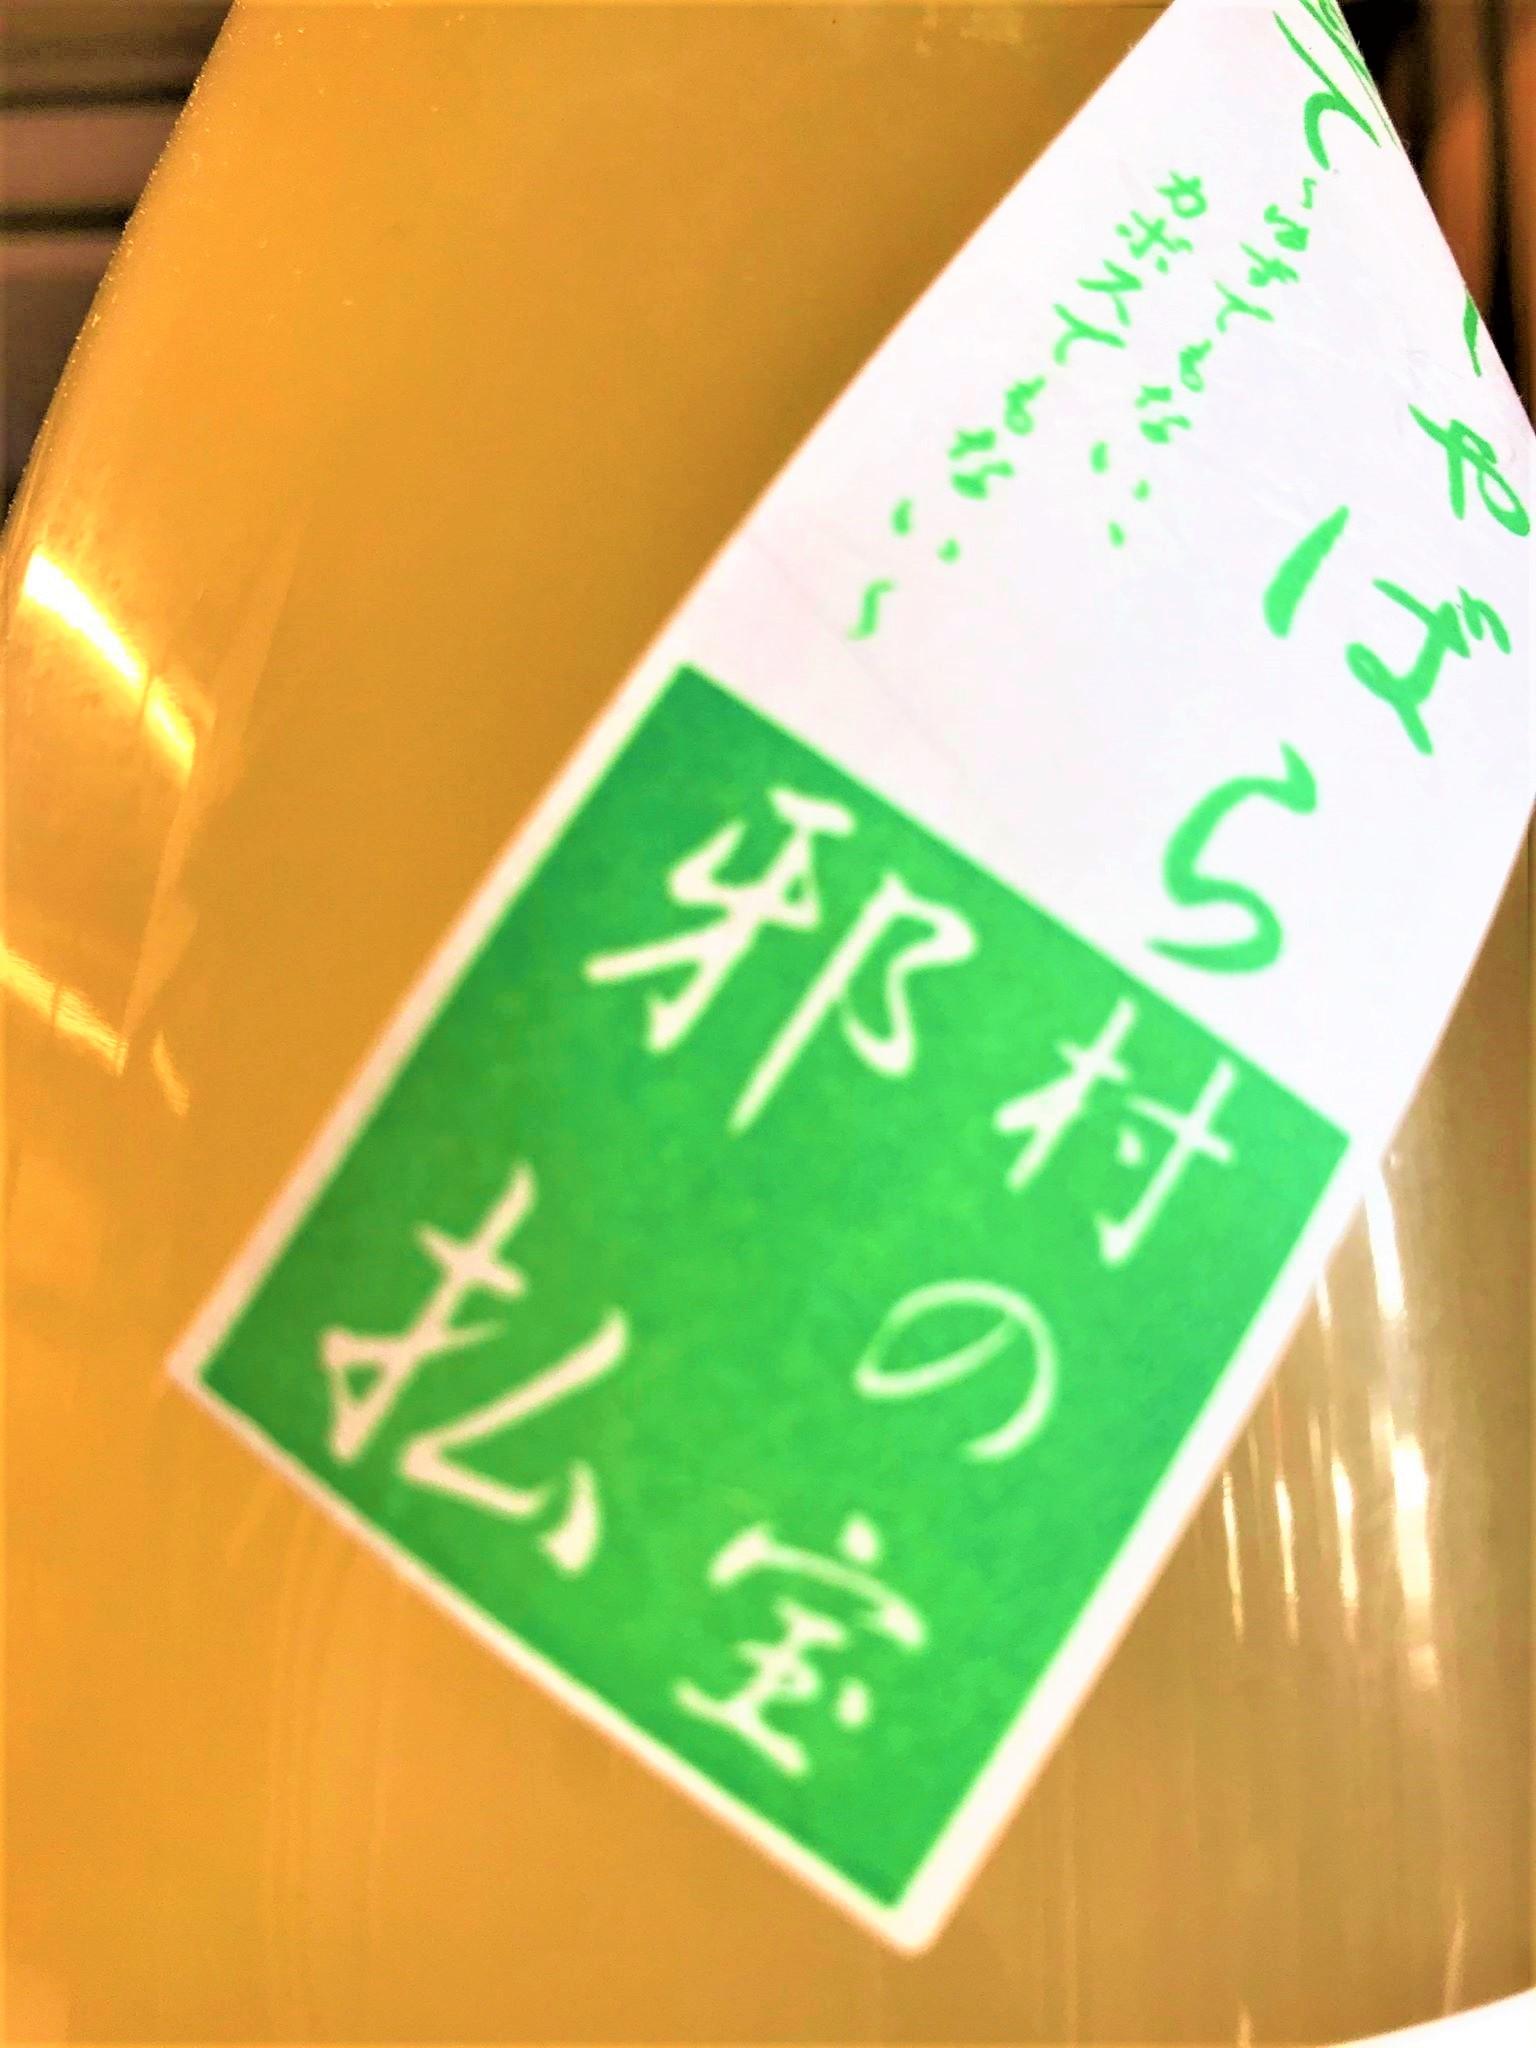 【じゃばら酒】吉村秀雄商店⭐別仕立て 北山村産🍋じゃばら酒 天然果汁仕込 限定 2020ver_e0173738_13521788.jpg